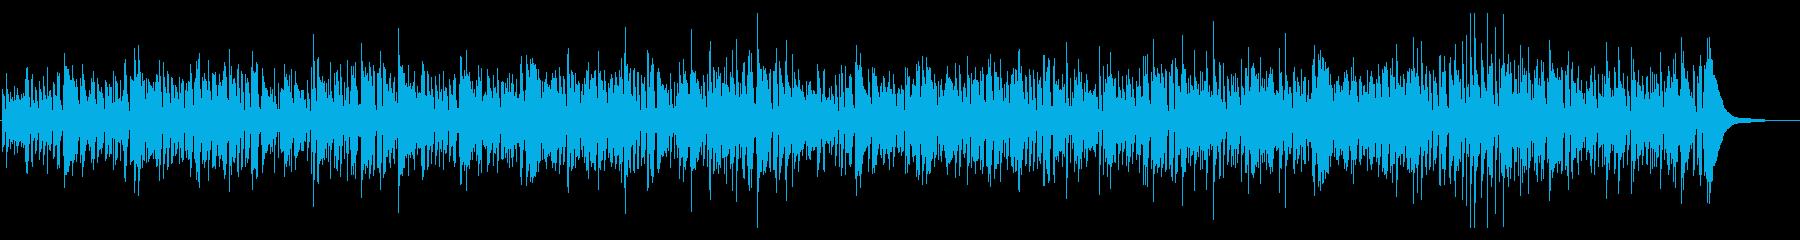 爽やかかわいいボサノバの再生済みの波形